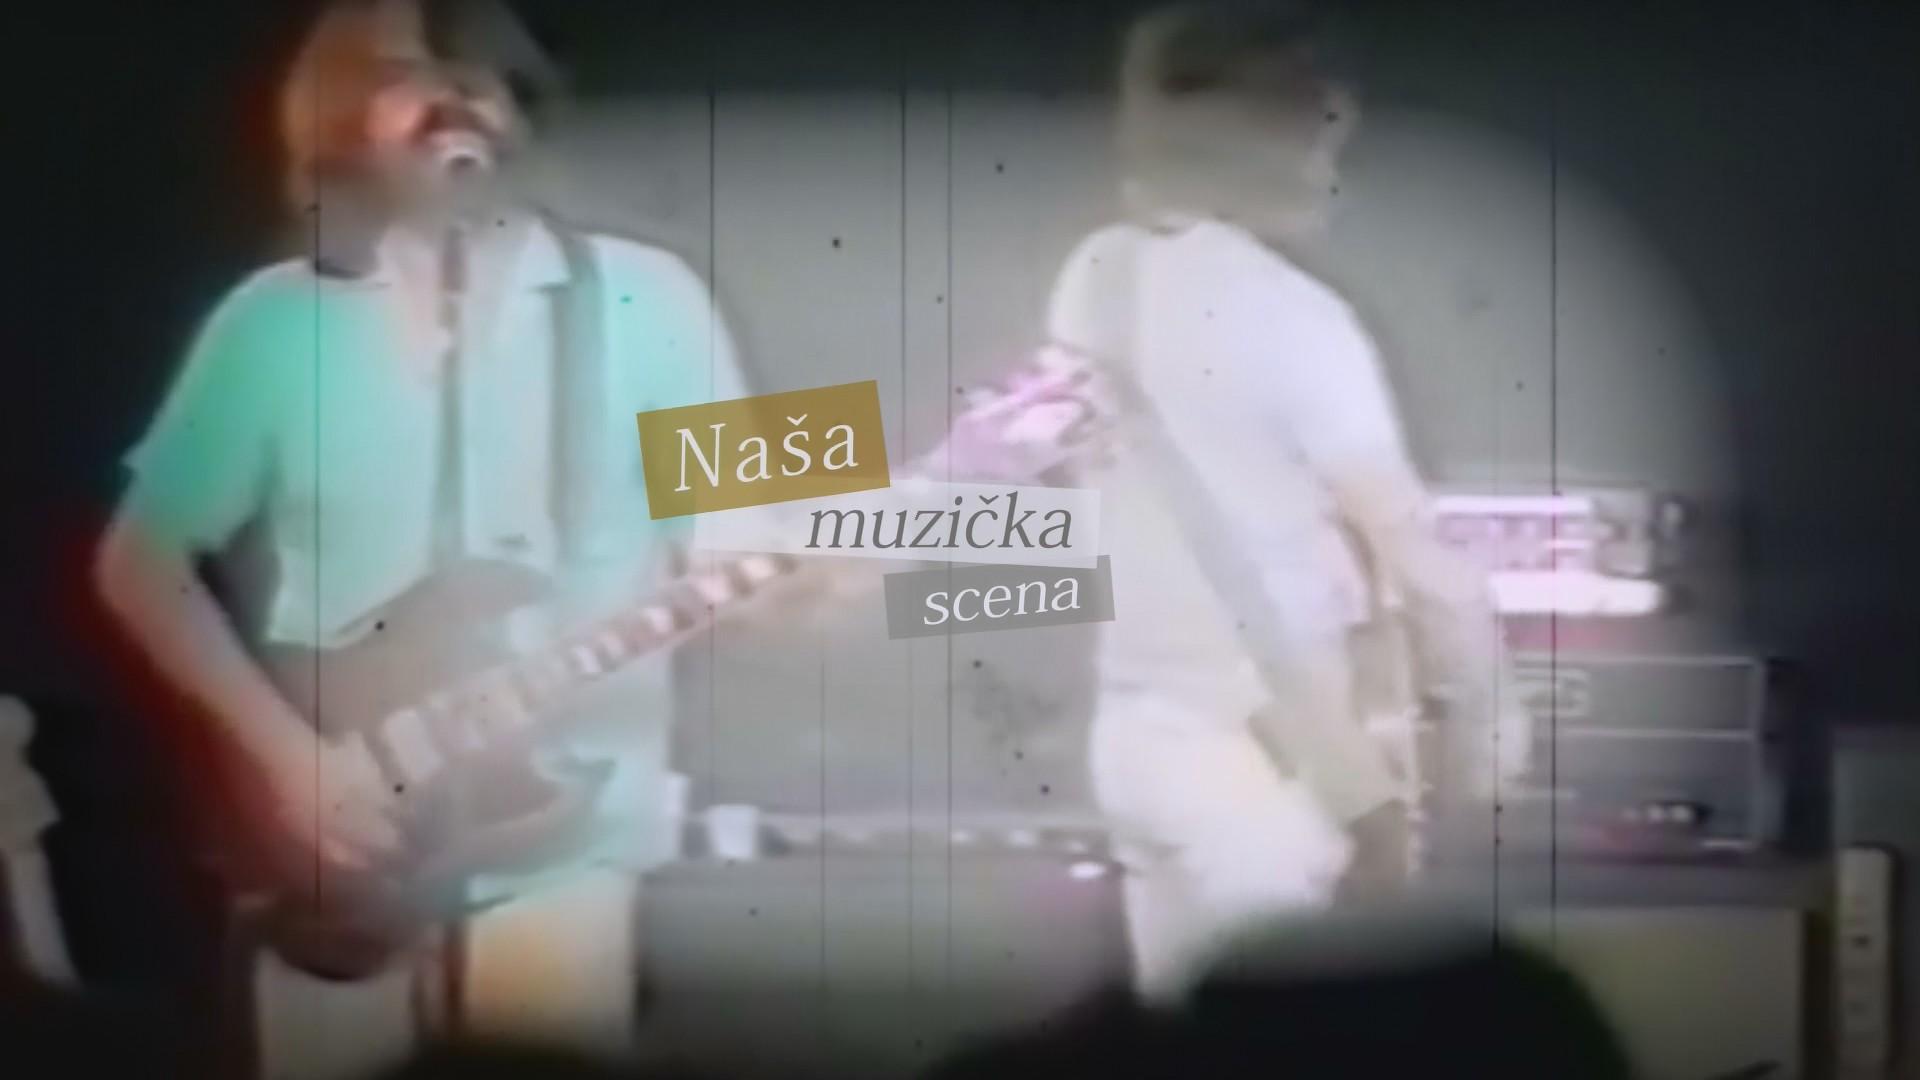 NAŠA MUZIČKA SCENA - Ismet Kurtović, muzički program